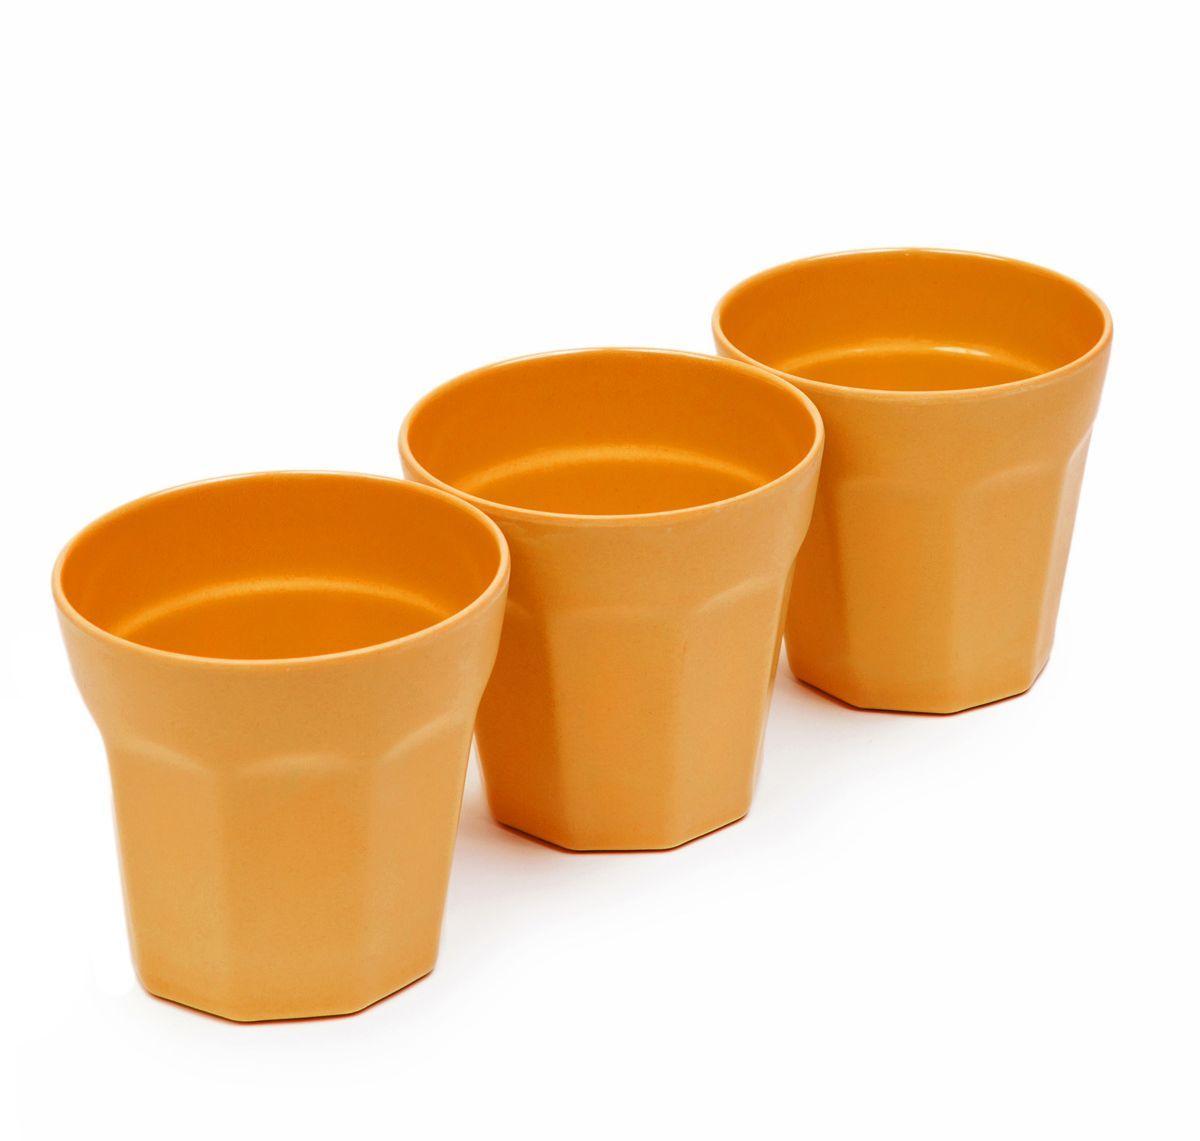 Набор стаканов MoulinVilla, цвет: оранжевый, 8,7 х 8,9 см, 3 штVT-1520(SR)Набор MoulinVilla состоит из трех стаканов. Предметы набора изготовлены из природного бамбука, очищенного от вредных примесей. Для окраски используются натуральные пищевые красители. Бамбук, сам по себе, является природным антисептиком. Эта уникальная особенность посуды гарантирует безопасность при эксплуатации и хранении различных видов пищевой продукции. Можно мыть в посудомоечной машине и в СВЧ-печах. Можно использовать для горячих и холодных продуктов (диапазон температур: от -20°С до 120°С). Диаметр стакана по верхнему краю: 8,7 см. Высота стенки стакана: 8,9 см.